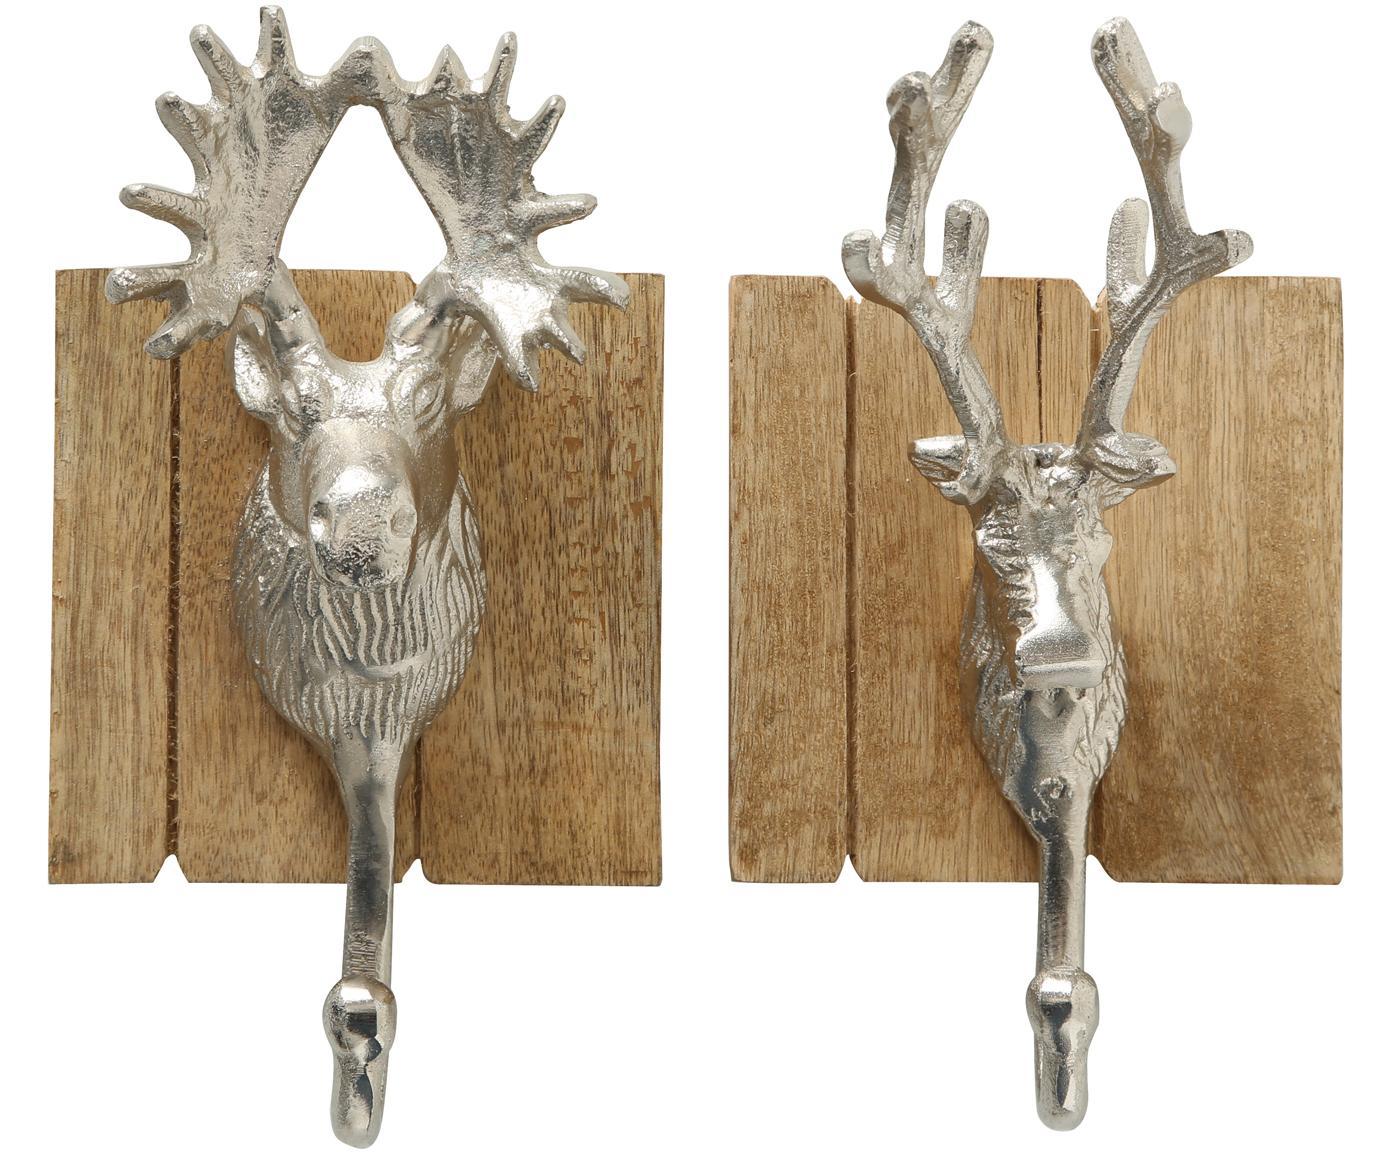 Wandhaken-Set Alfo, 2-tlg., Haken: Aluminium, Mangoholz, Aluminium, 22 x 9 cm